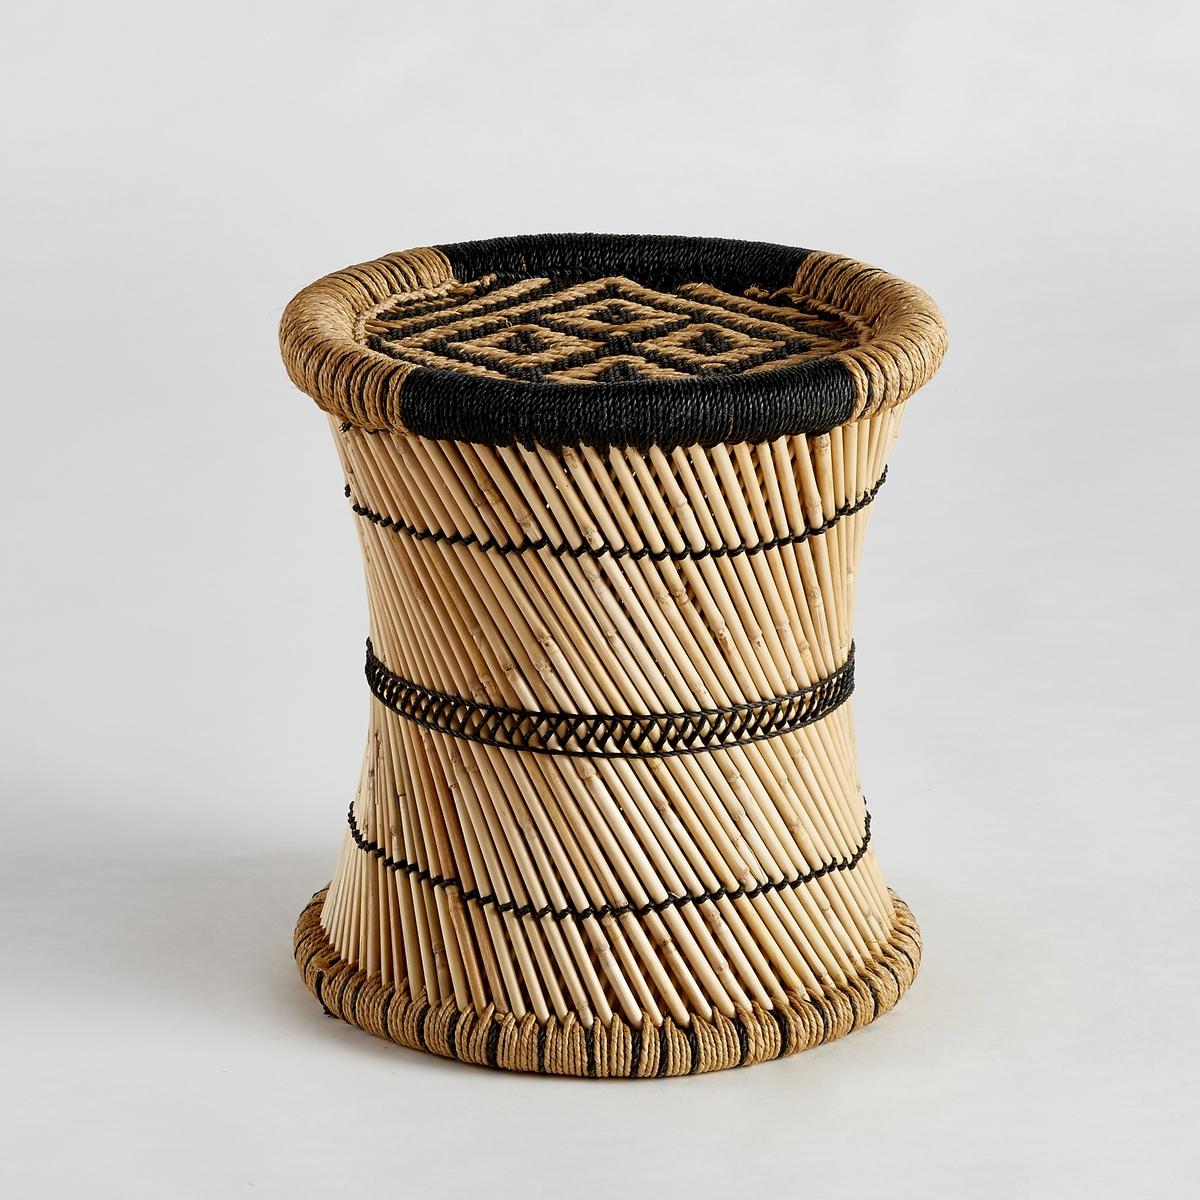 Столик диванный Tingda, рисунок в стиле икатДиванный столик Tingda. Можно использовать отдельно или в сочетании с другими моделями из нашей коллекции, которые продаются на нашем сайте. Характеристики :- Из плетеного бамбука и веревки из полиэстера. Ручное производство. Размеры  :- диаметр 41 x высота 43 см.<br><br>Цвет: экрю/ черный